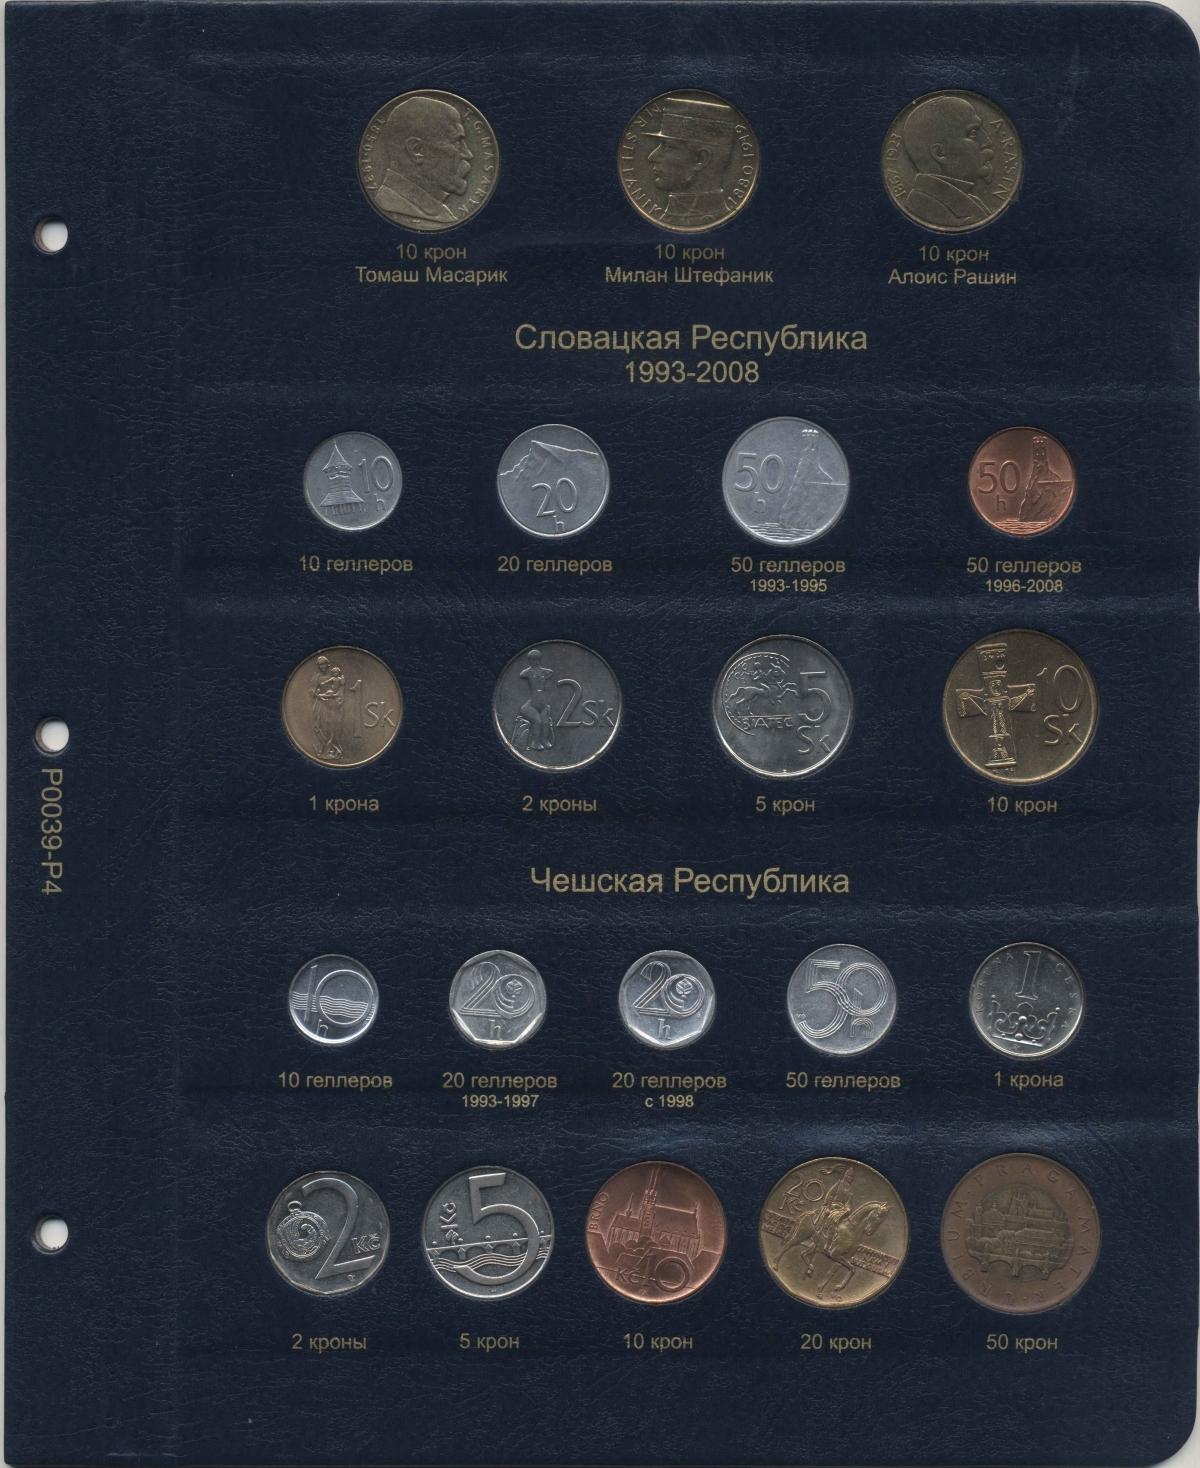 Комплект листов для регулярных монет Чехословакии